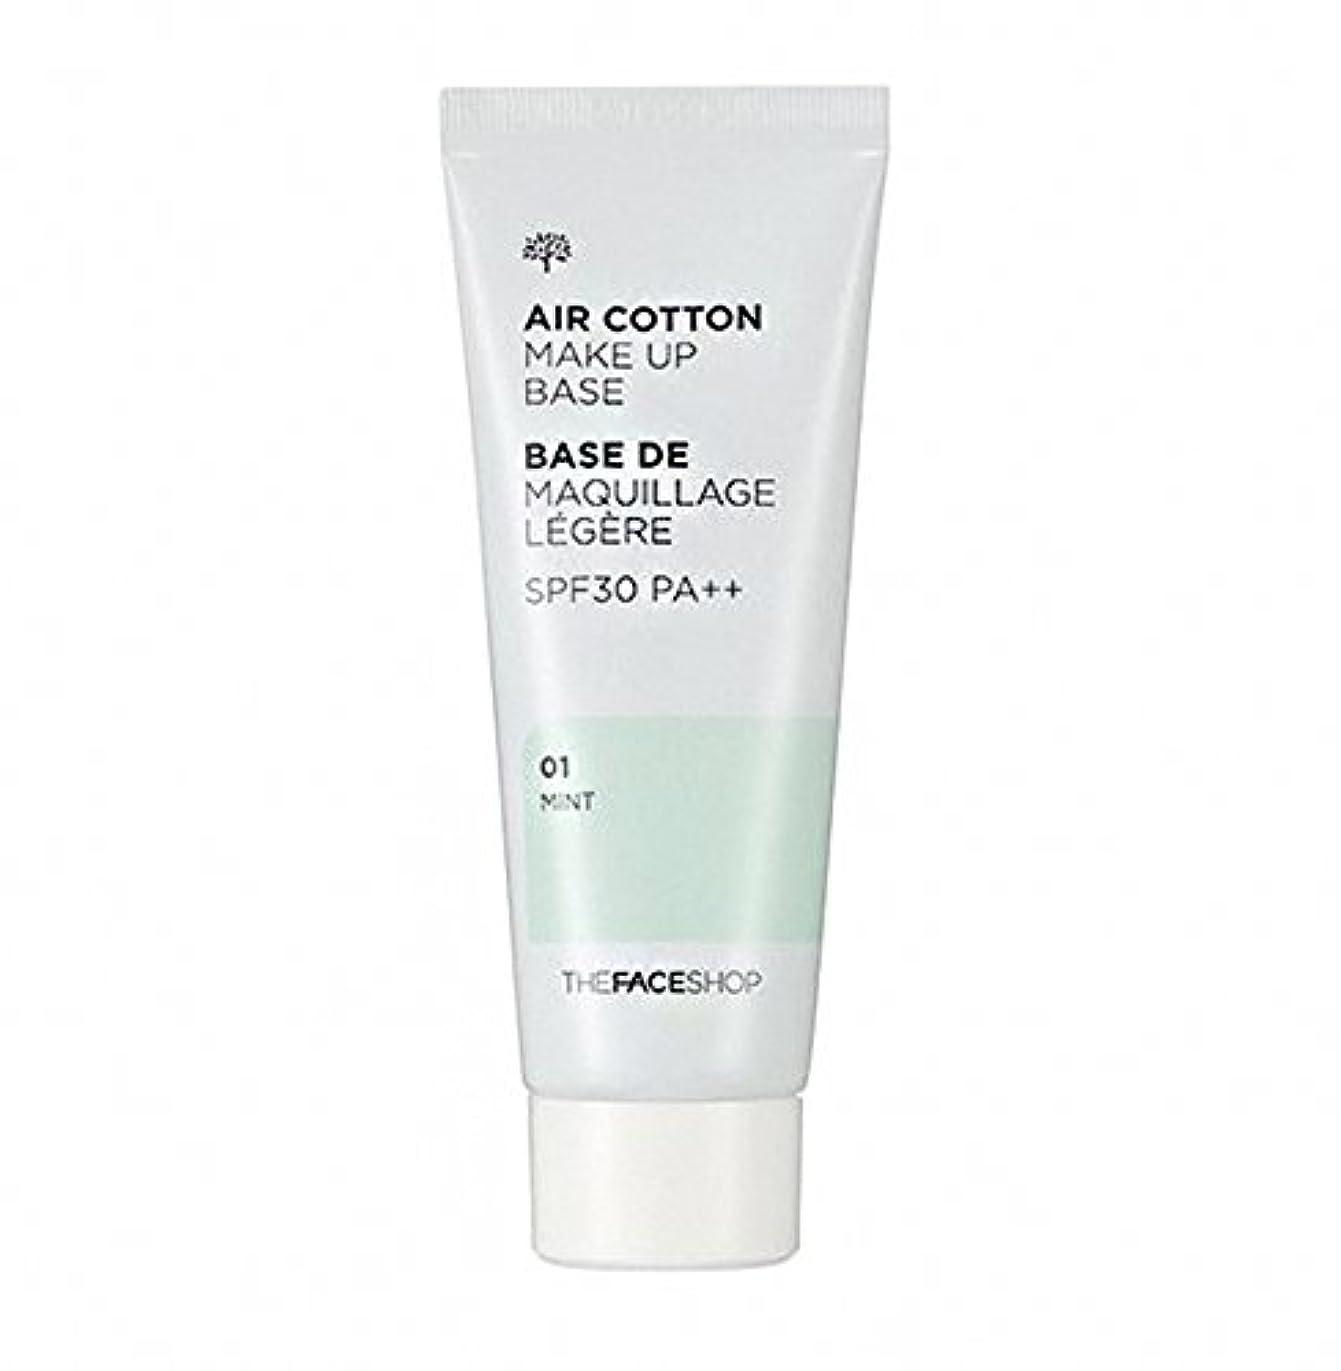 浜辺消防士仕事に行くザ·フェイスショップ The Face Shop エアコットン メーキャップ ベース 40ml(01 ミント) The Face Shop air Cotton Makeup Base 40ml(01 Mint) [海外直送品]